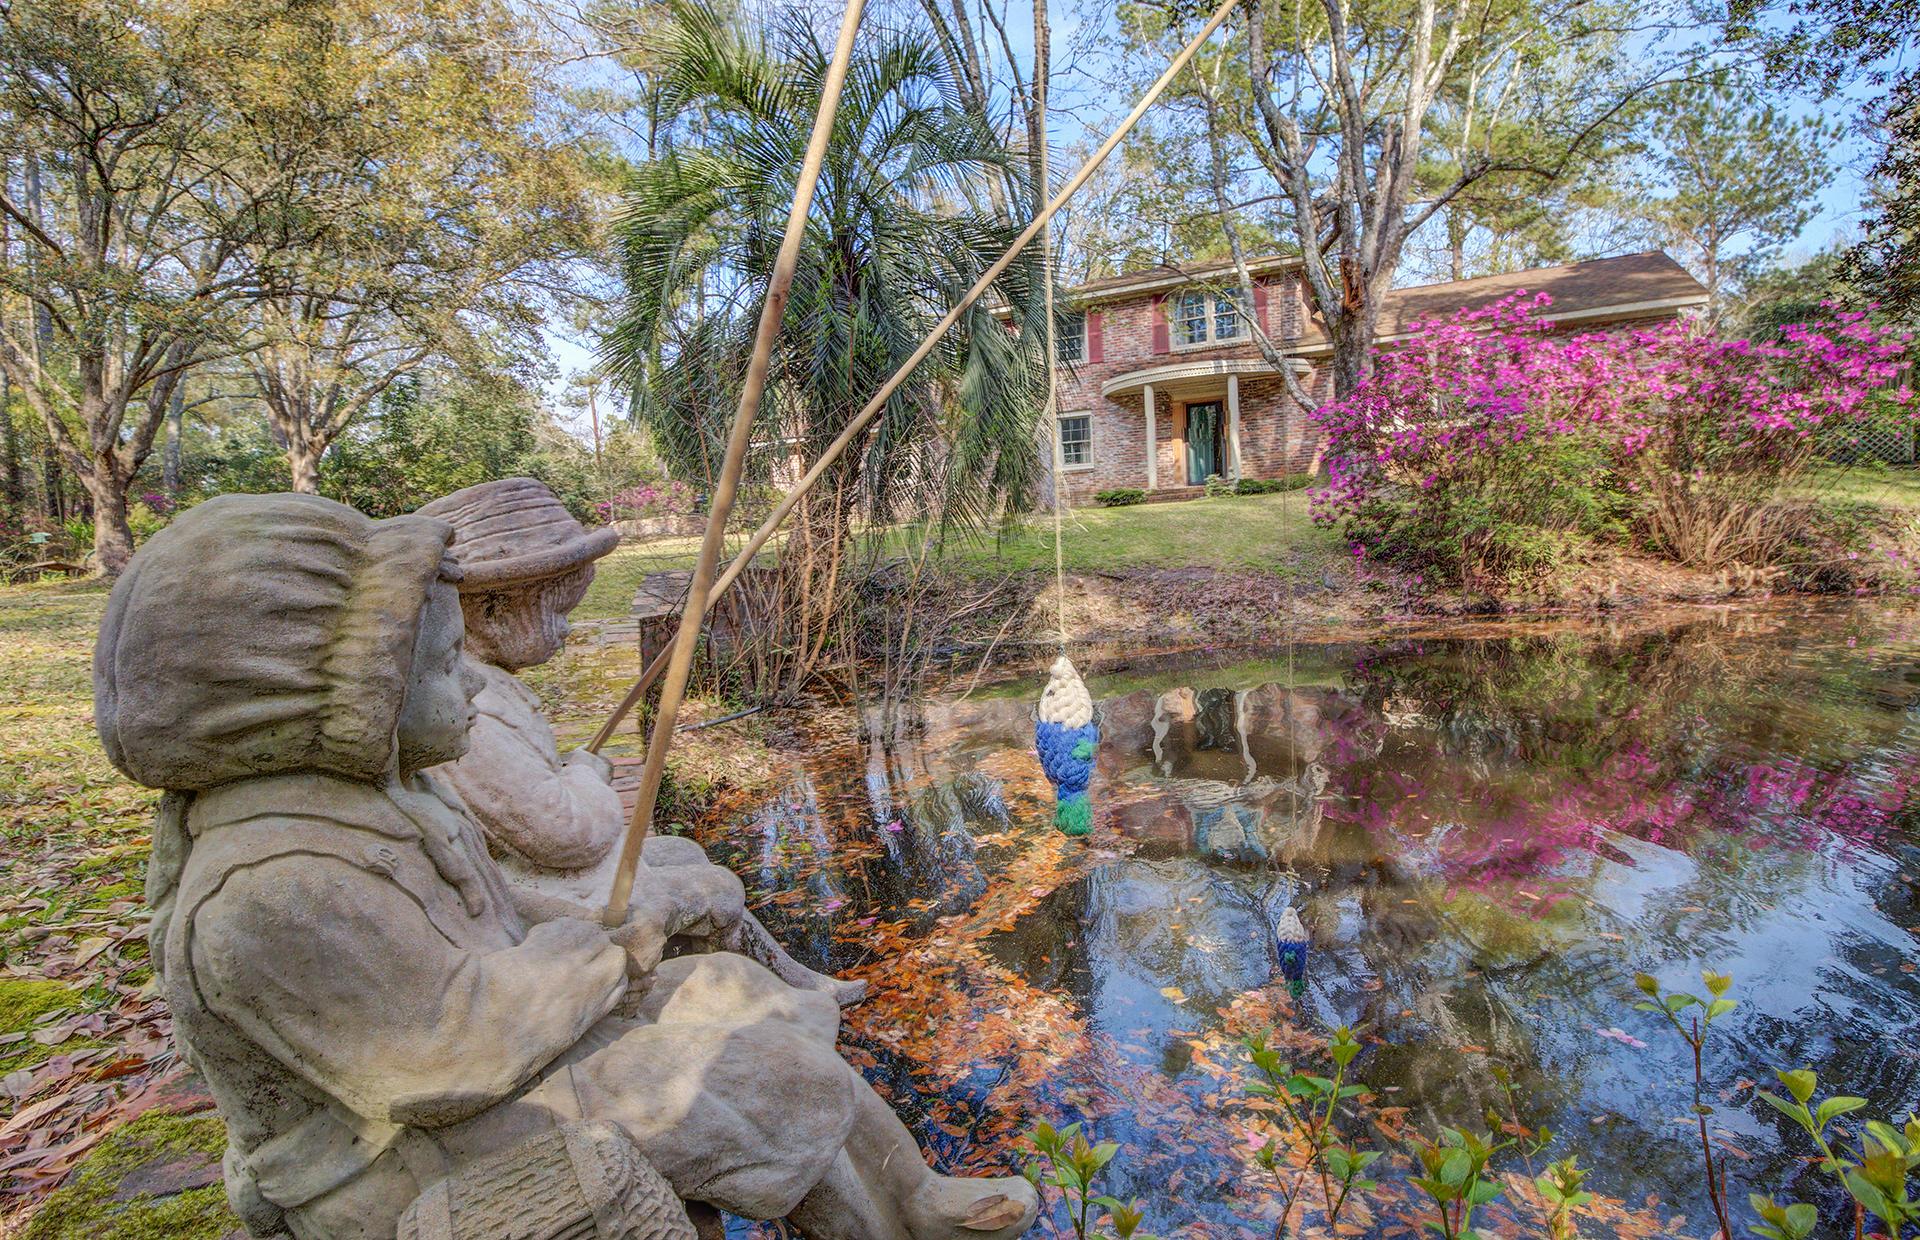 Pine Forest Inn Homes For Sale - 543 Simmons, Summerville, SC - 32